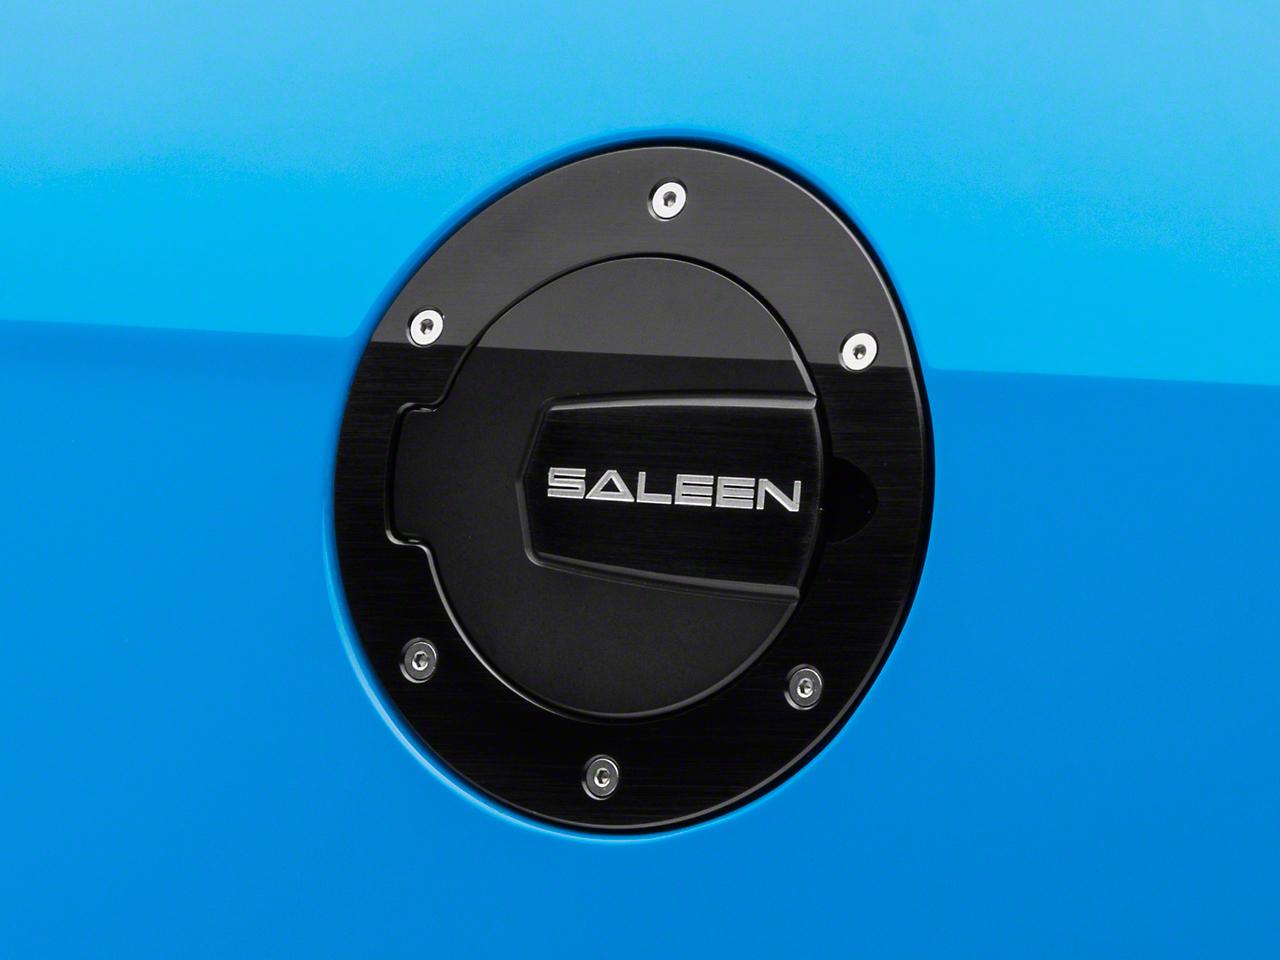 Saleen S302 Aluminum Fuel Door Black Finish (10-14 All)